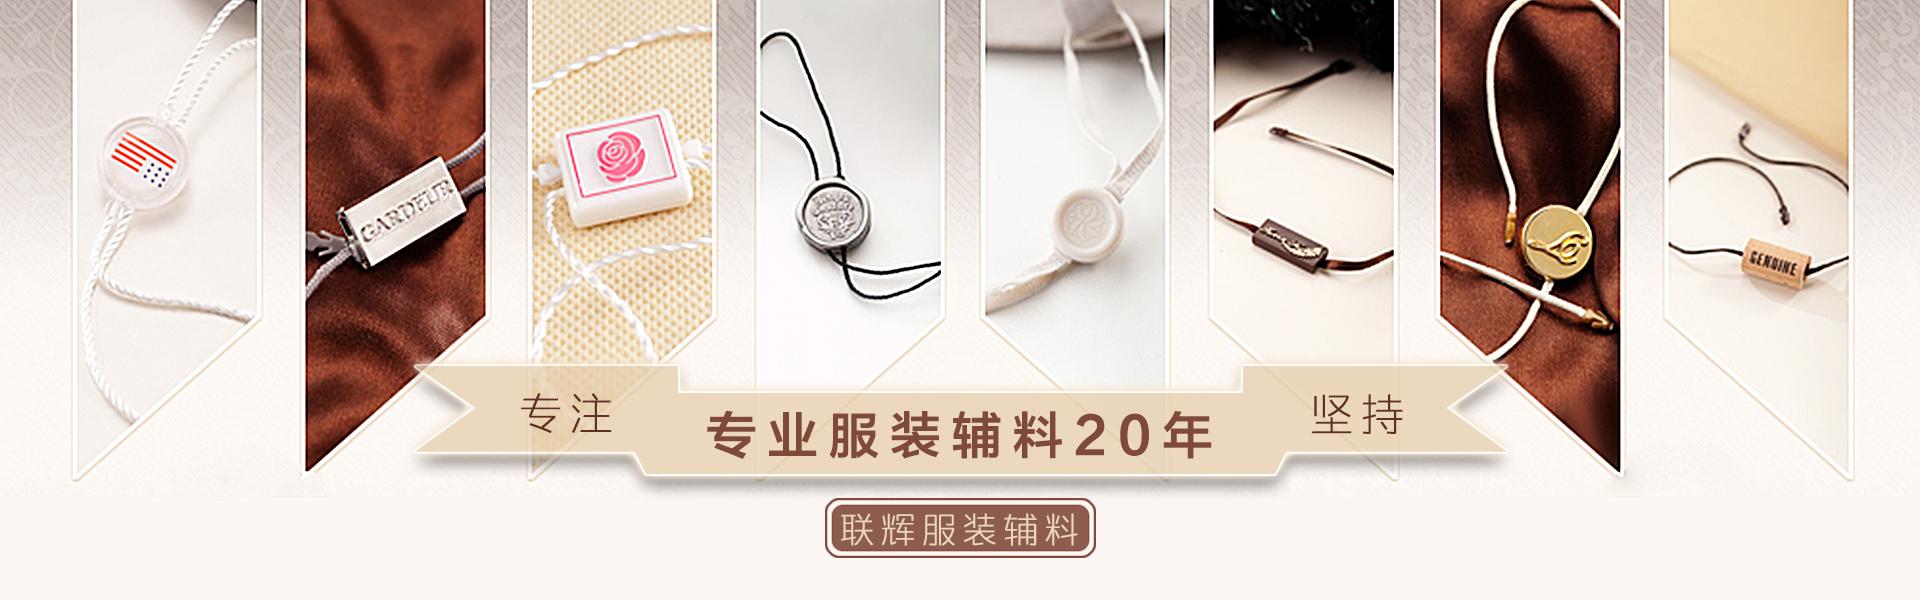 肇庆联辉服装辅料是一家生产塑料吊粒、塑料吊粒厂家、滴胶吊粒的厂家